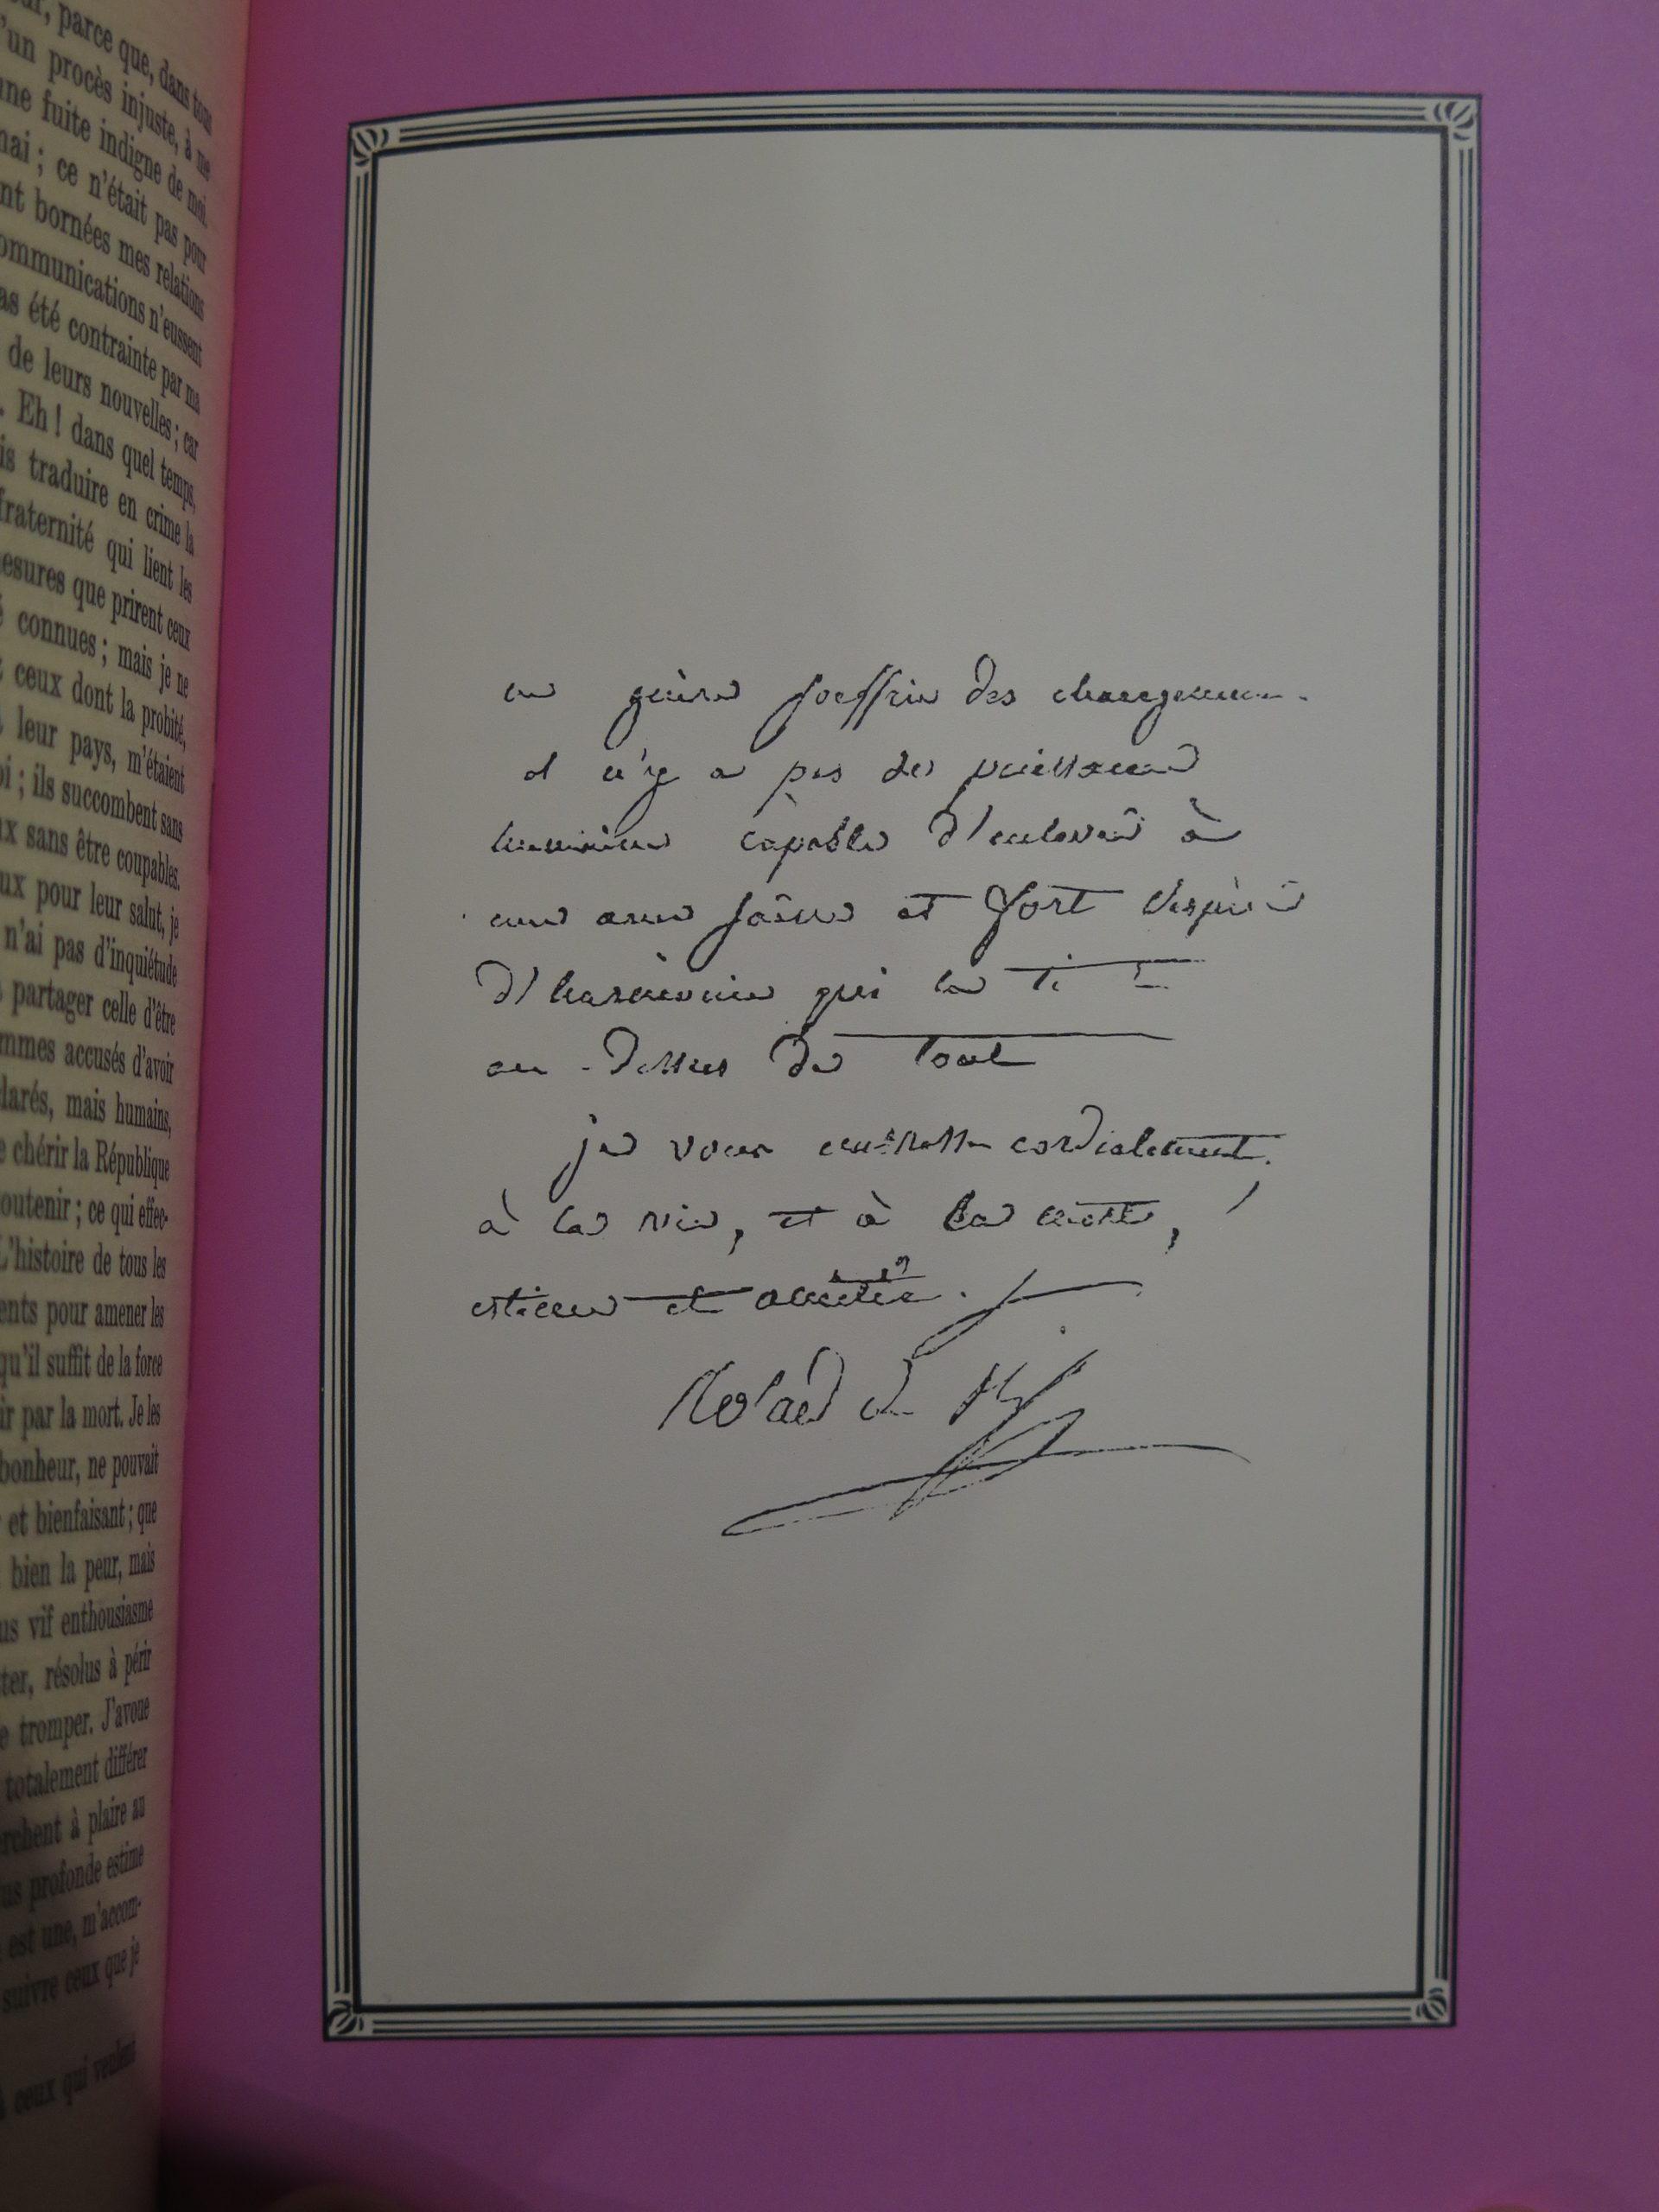 Extrait manuscrit d'une lettre de Madame Roland